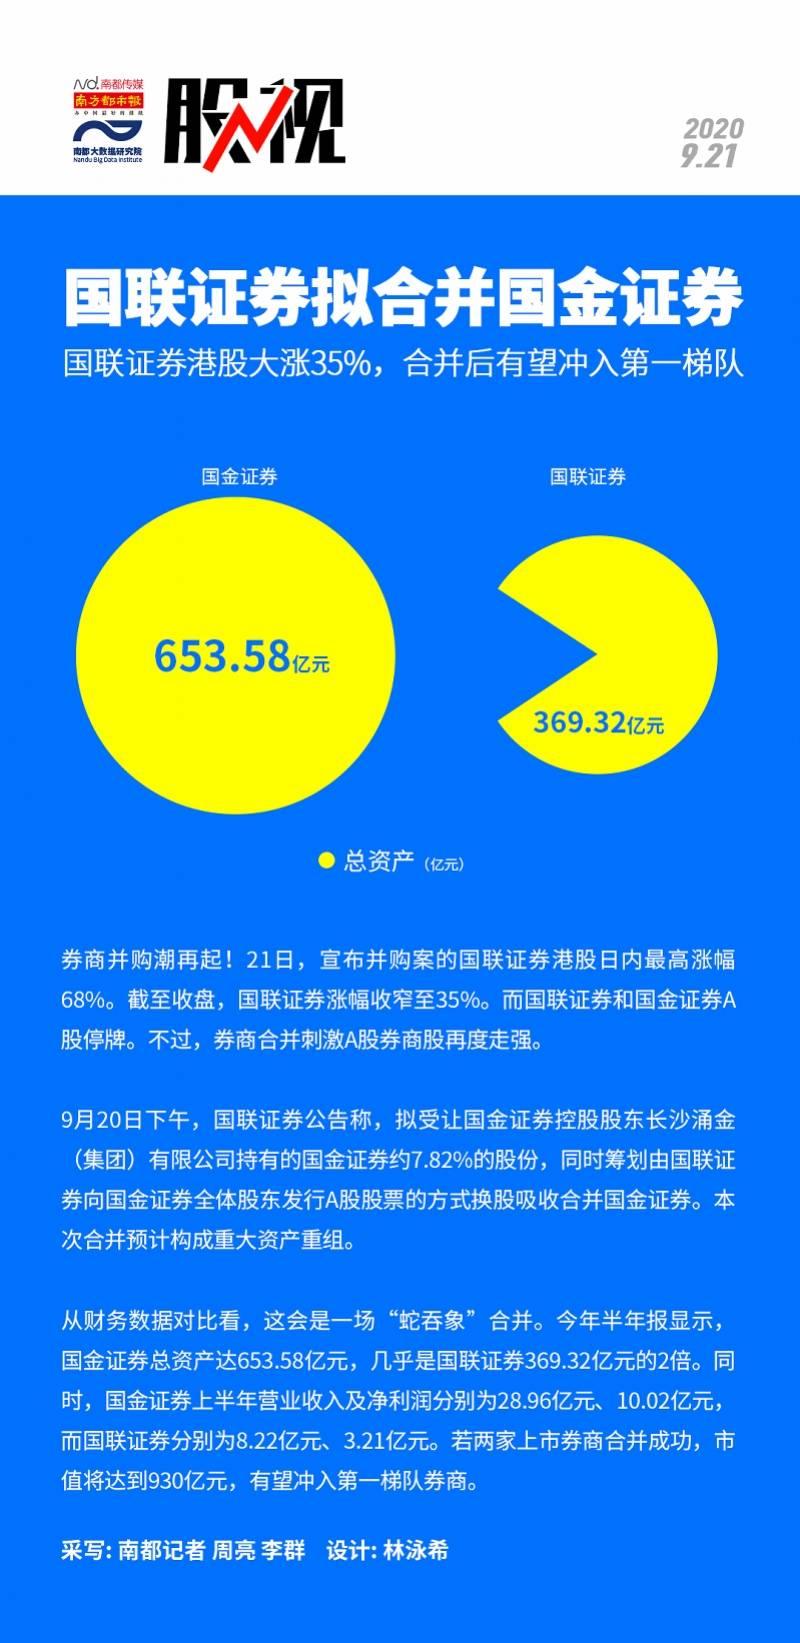 [国联证券拟合并国金证券 国联证券港股大涨35%]